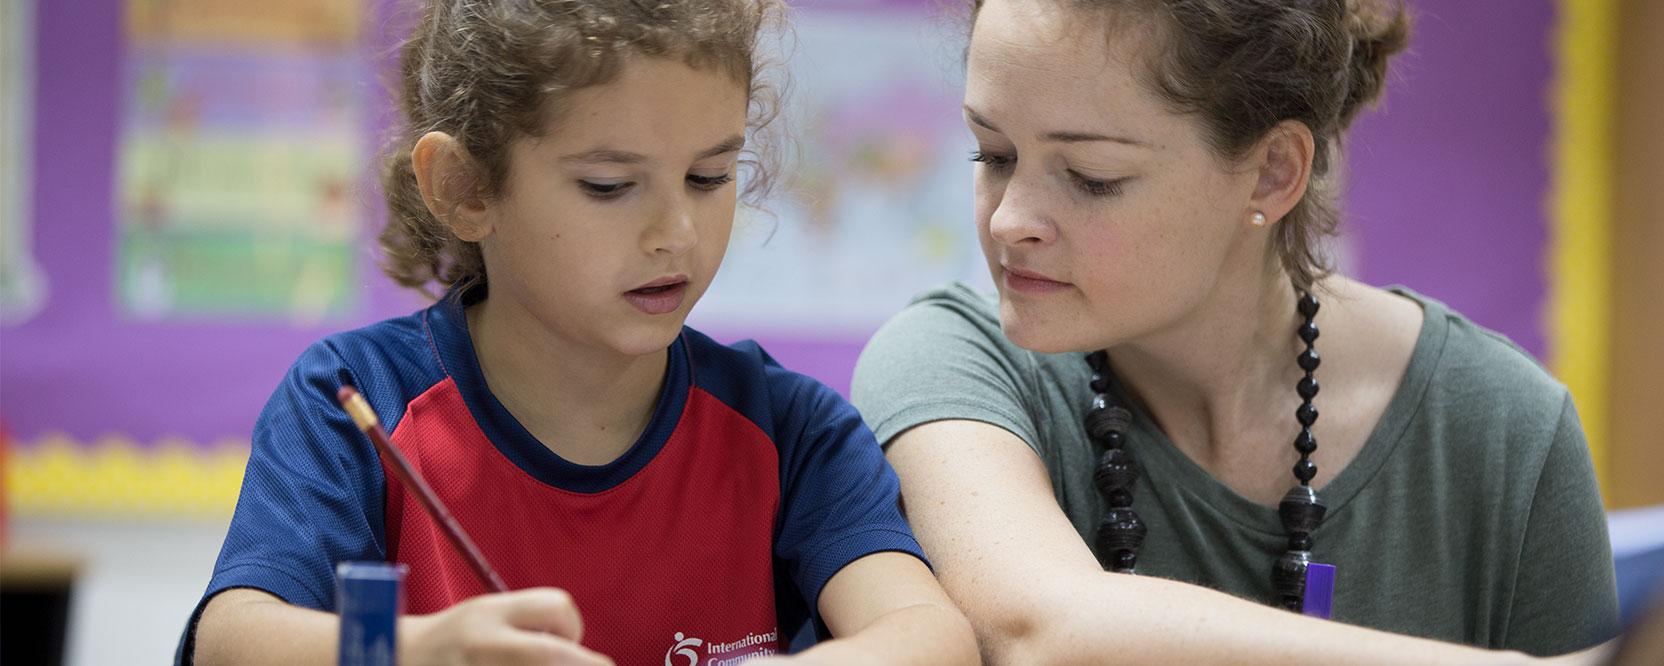 泰国国际学校-曼谷国际社区学校-ICS-International Community School-泰国曼谷国际学校